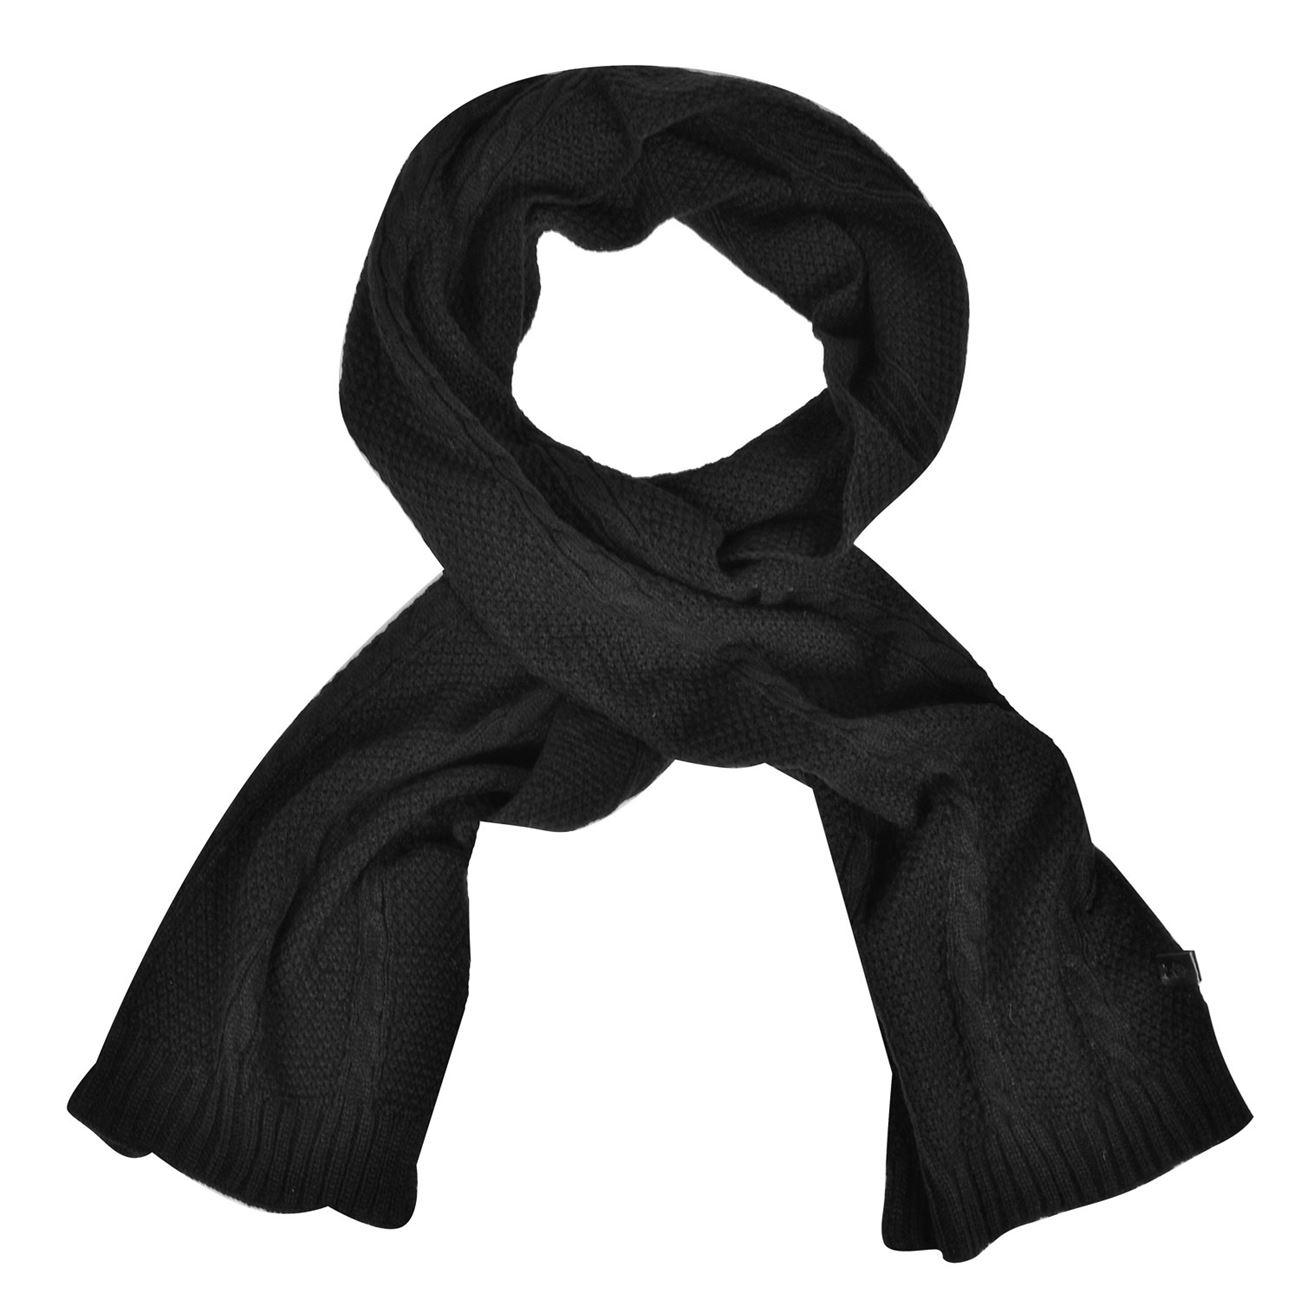 Κασκόλ Ανδρικό Μαύρο Πλεκτό PU Patch - One Size   Kασκώλ-Φουλάρια ... ea89c2cf563